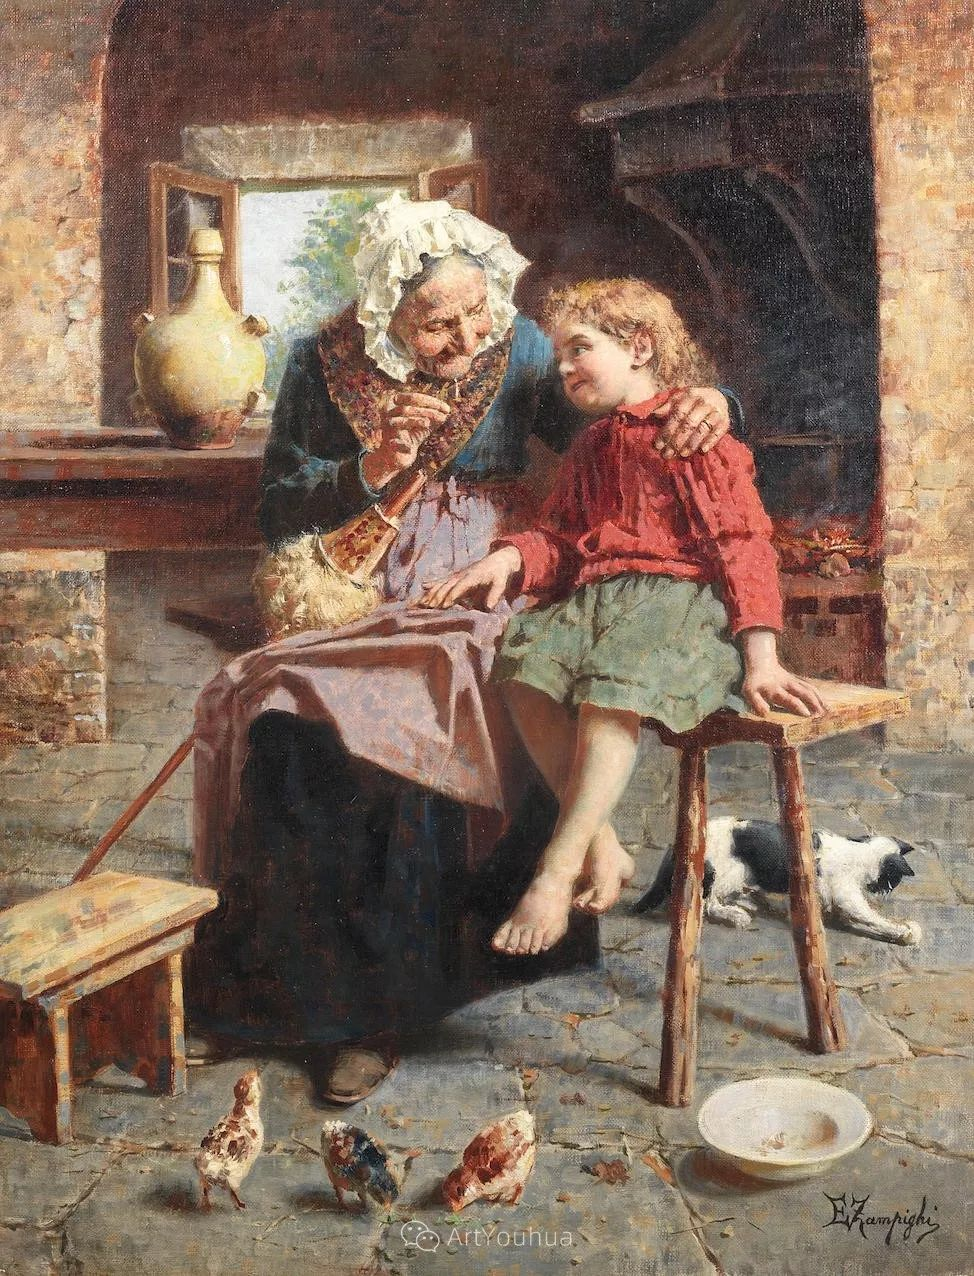 他把普通人的生活,画得如此欢乐、温馨、幸福,意大利画家Eugenio Zampighi插图12